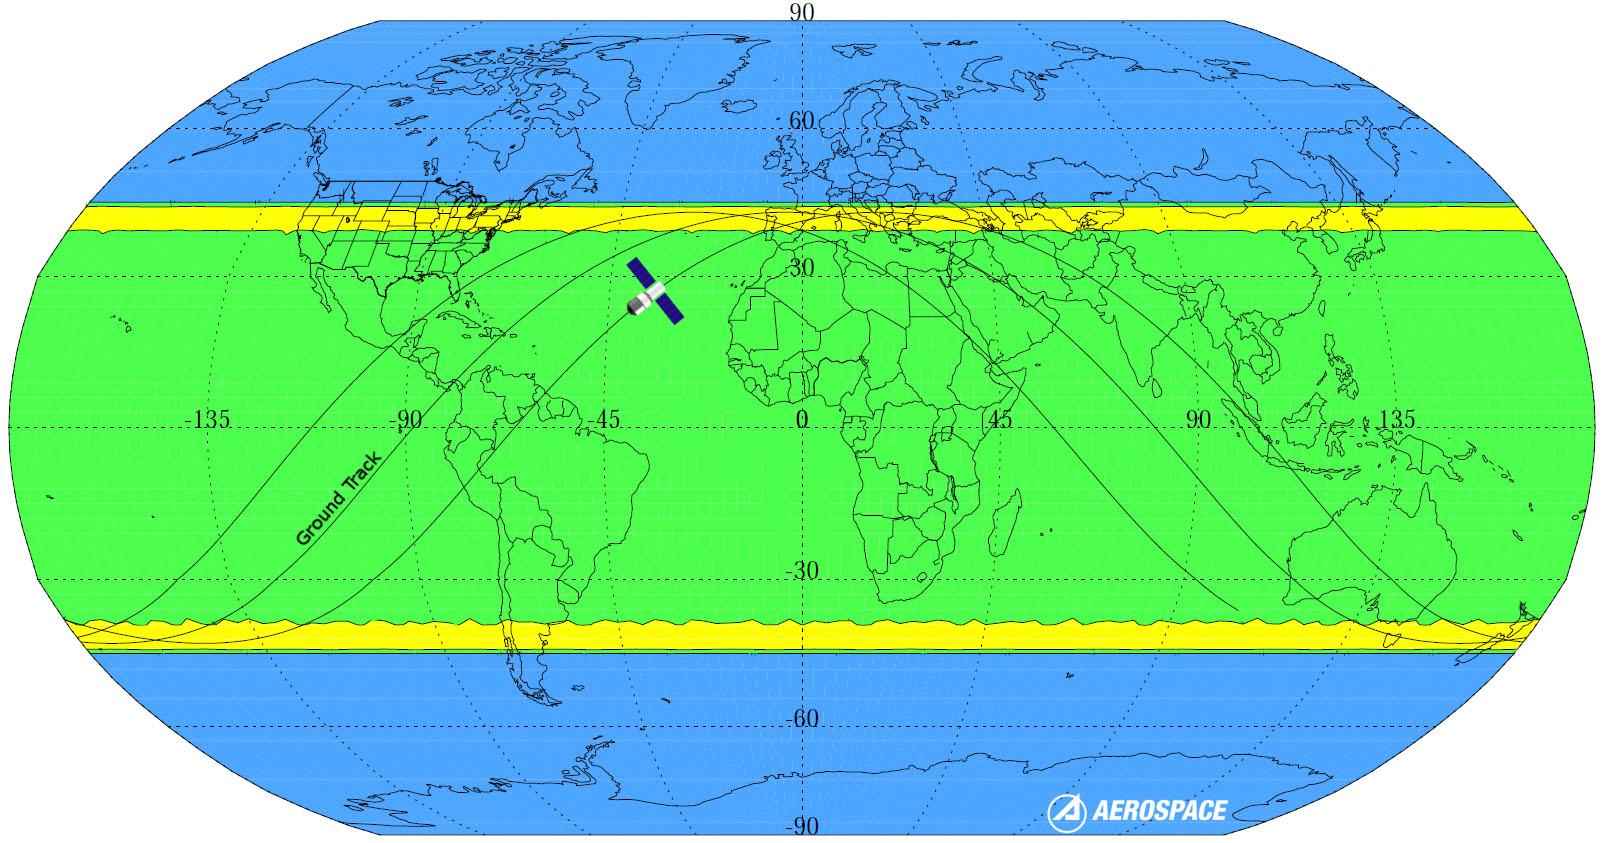 Planisphère des zones de chute potentielle de Tiangong-1. En bleu: aucun risque; en vert: faible probabilité; en jaune: forte probabilité